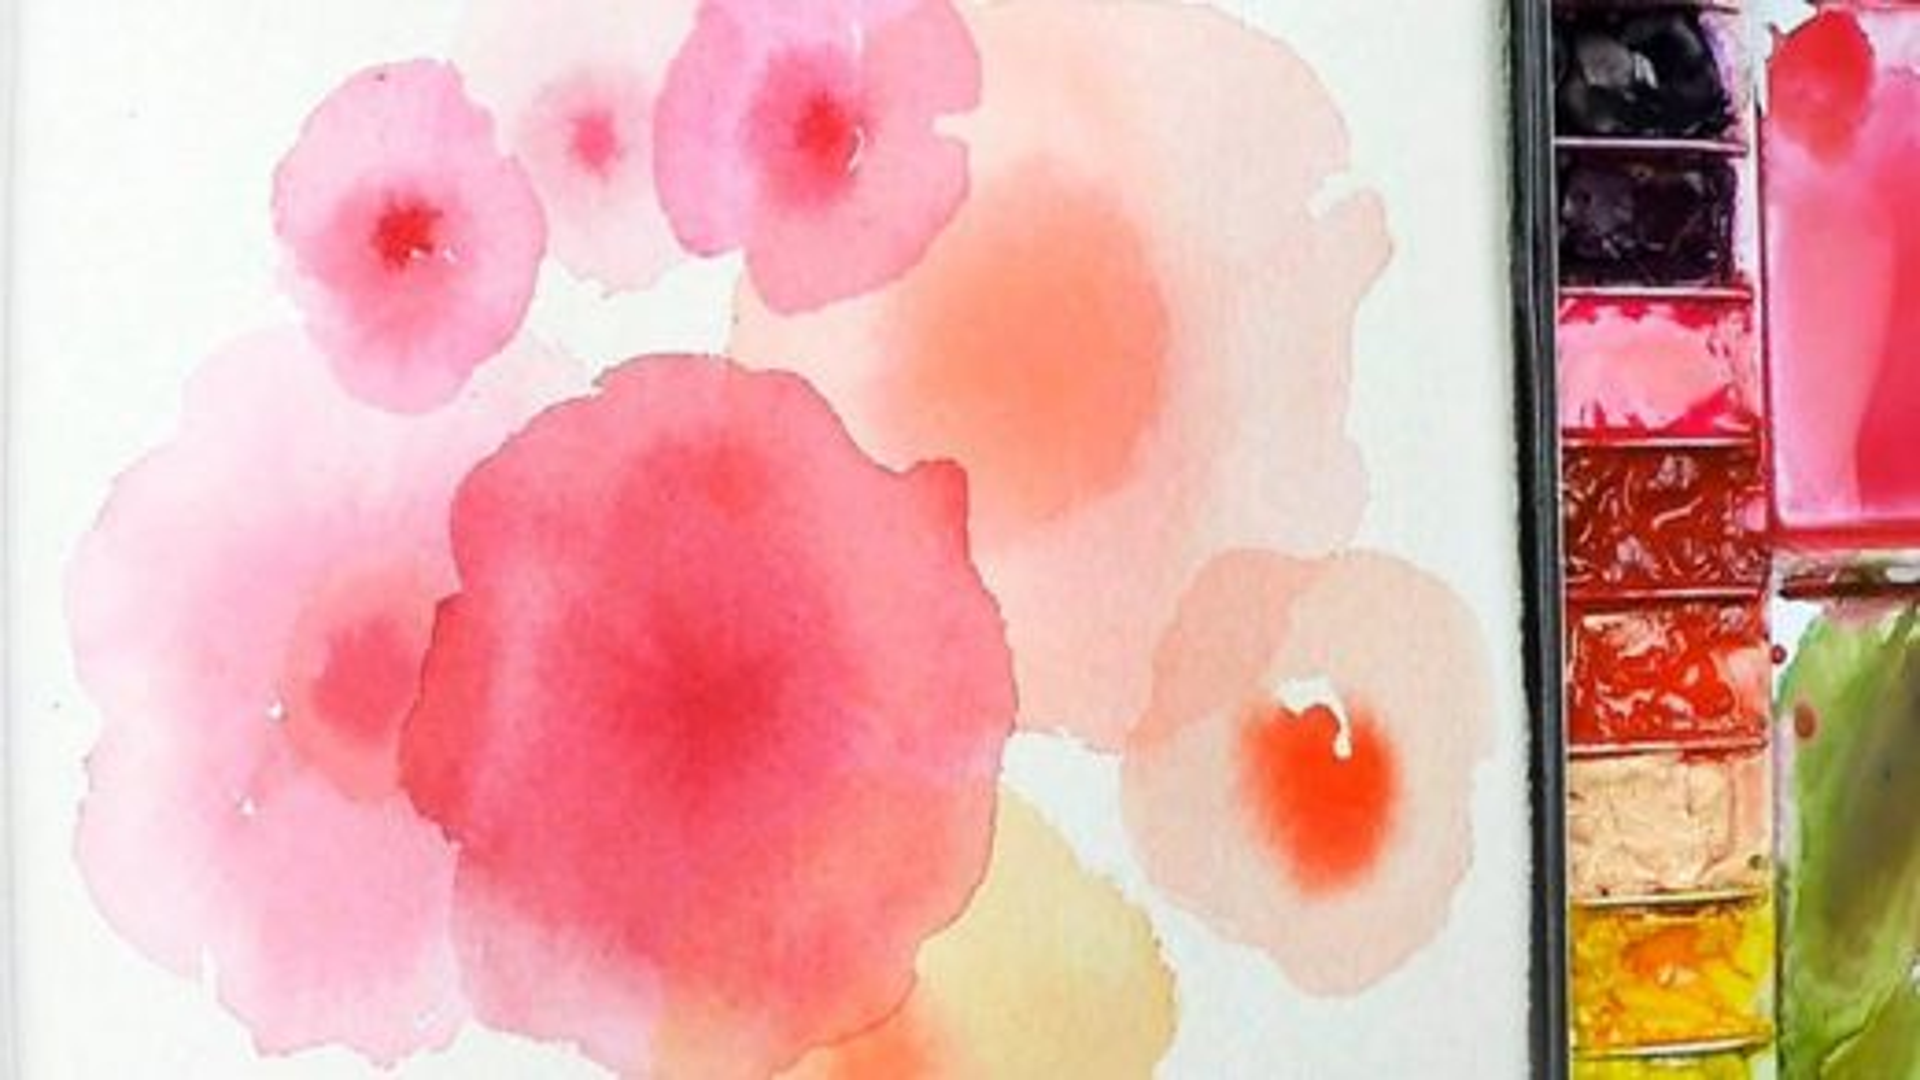 تکنیک نقاشی با آبرنگ؛ آموزش ترکیب کردن رنگ ها | فیلم